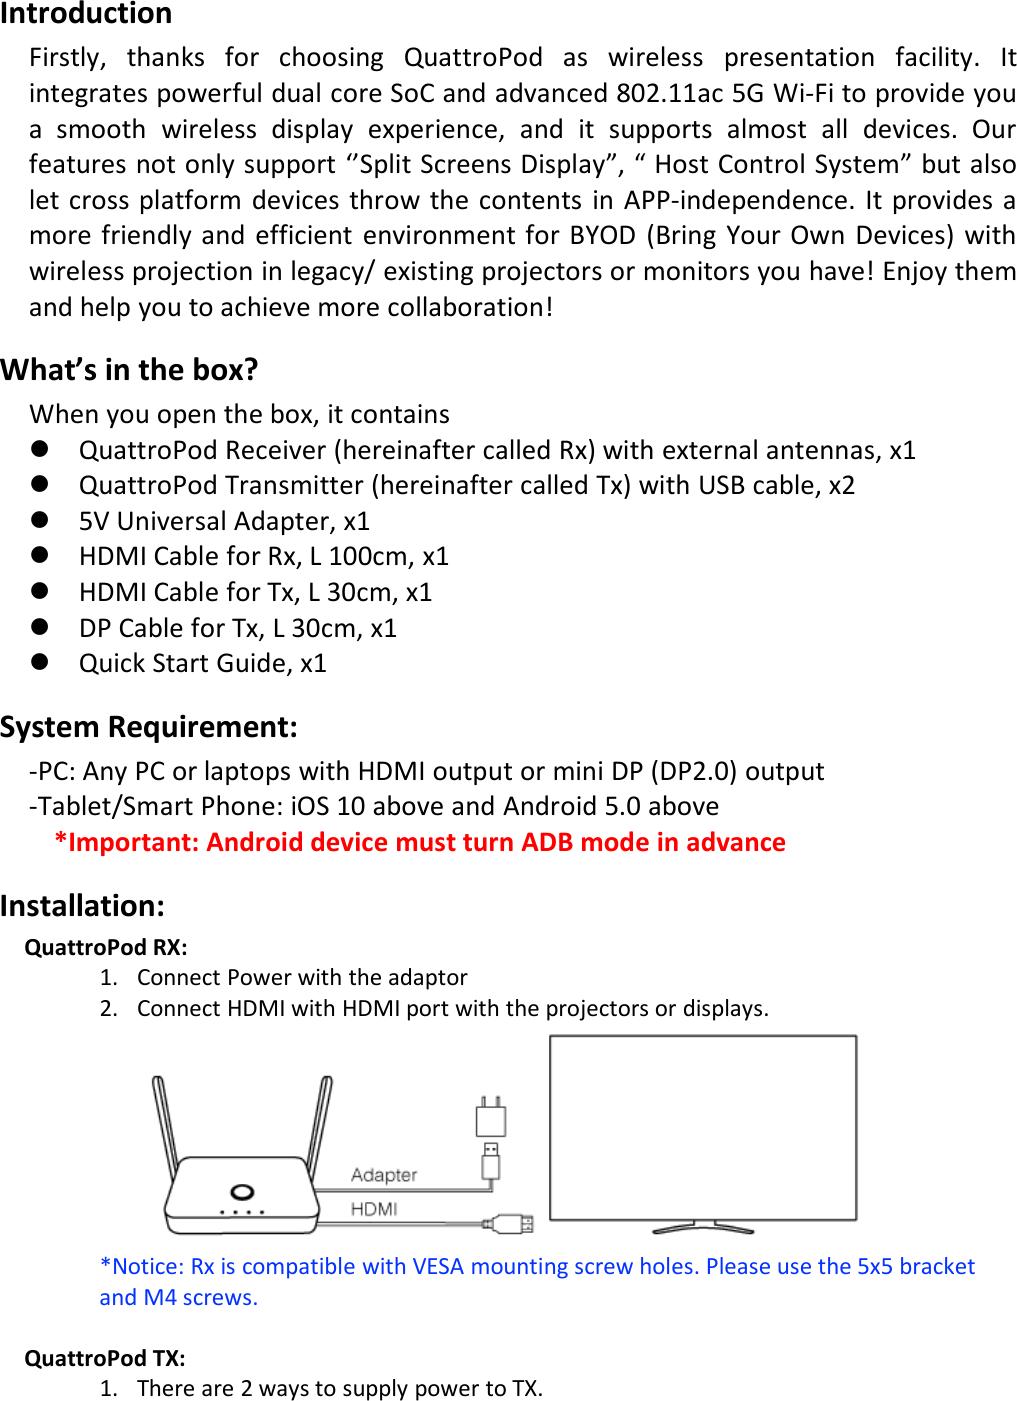 Winner Wave T01 QuattroPod User Manual QSG 0125